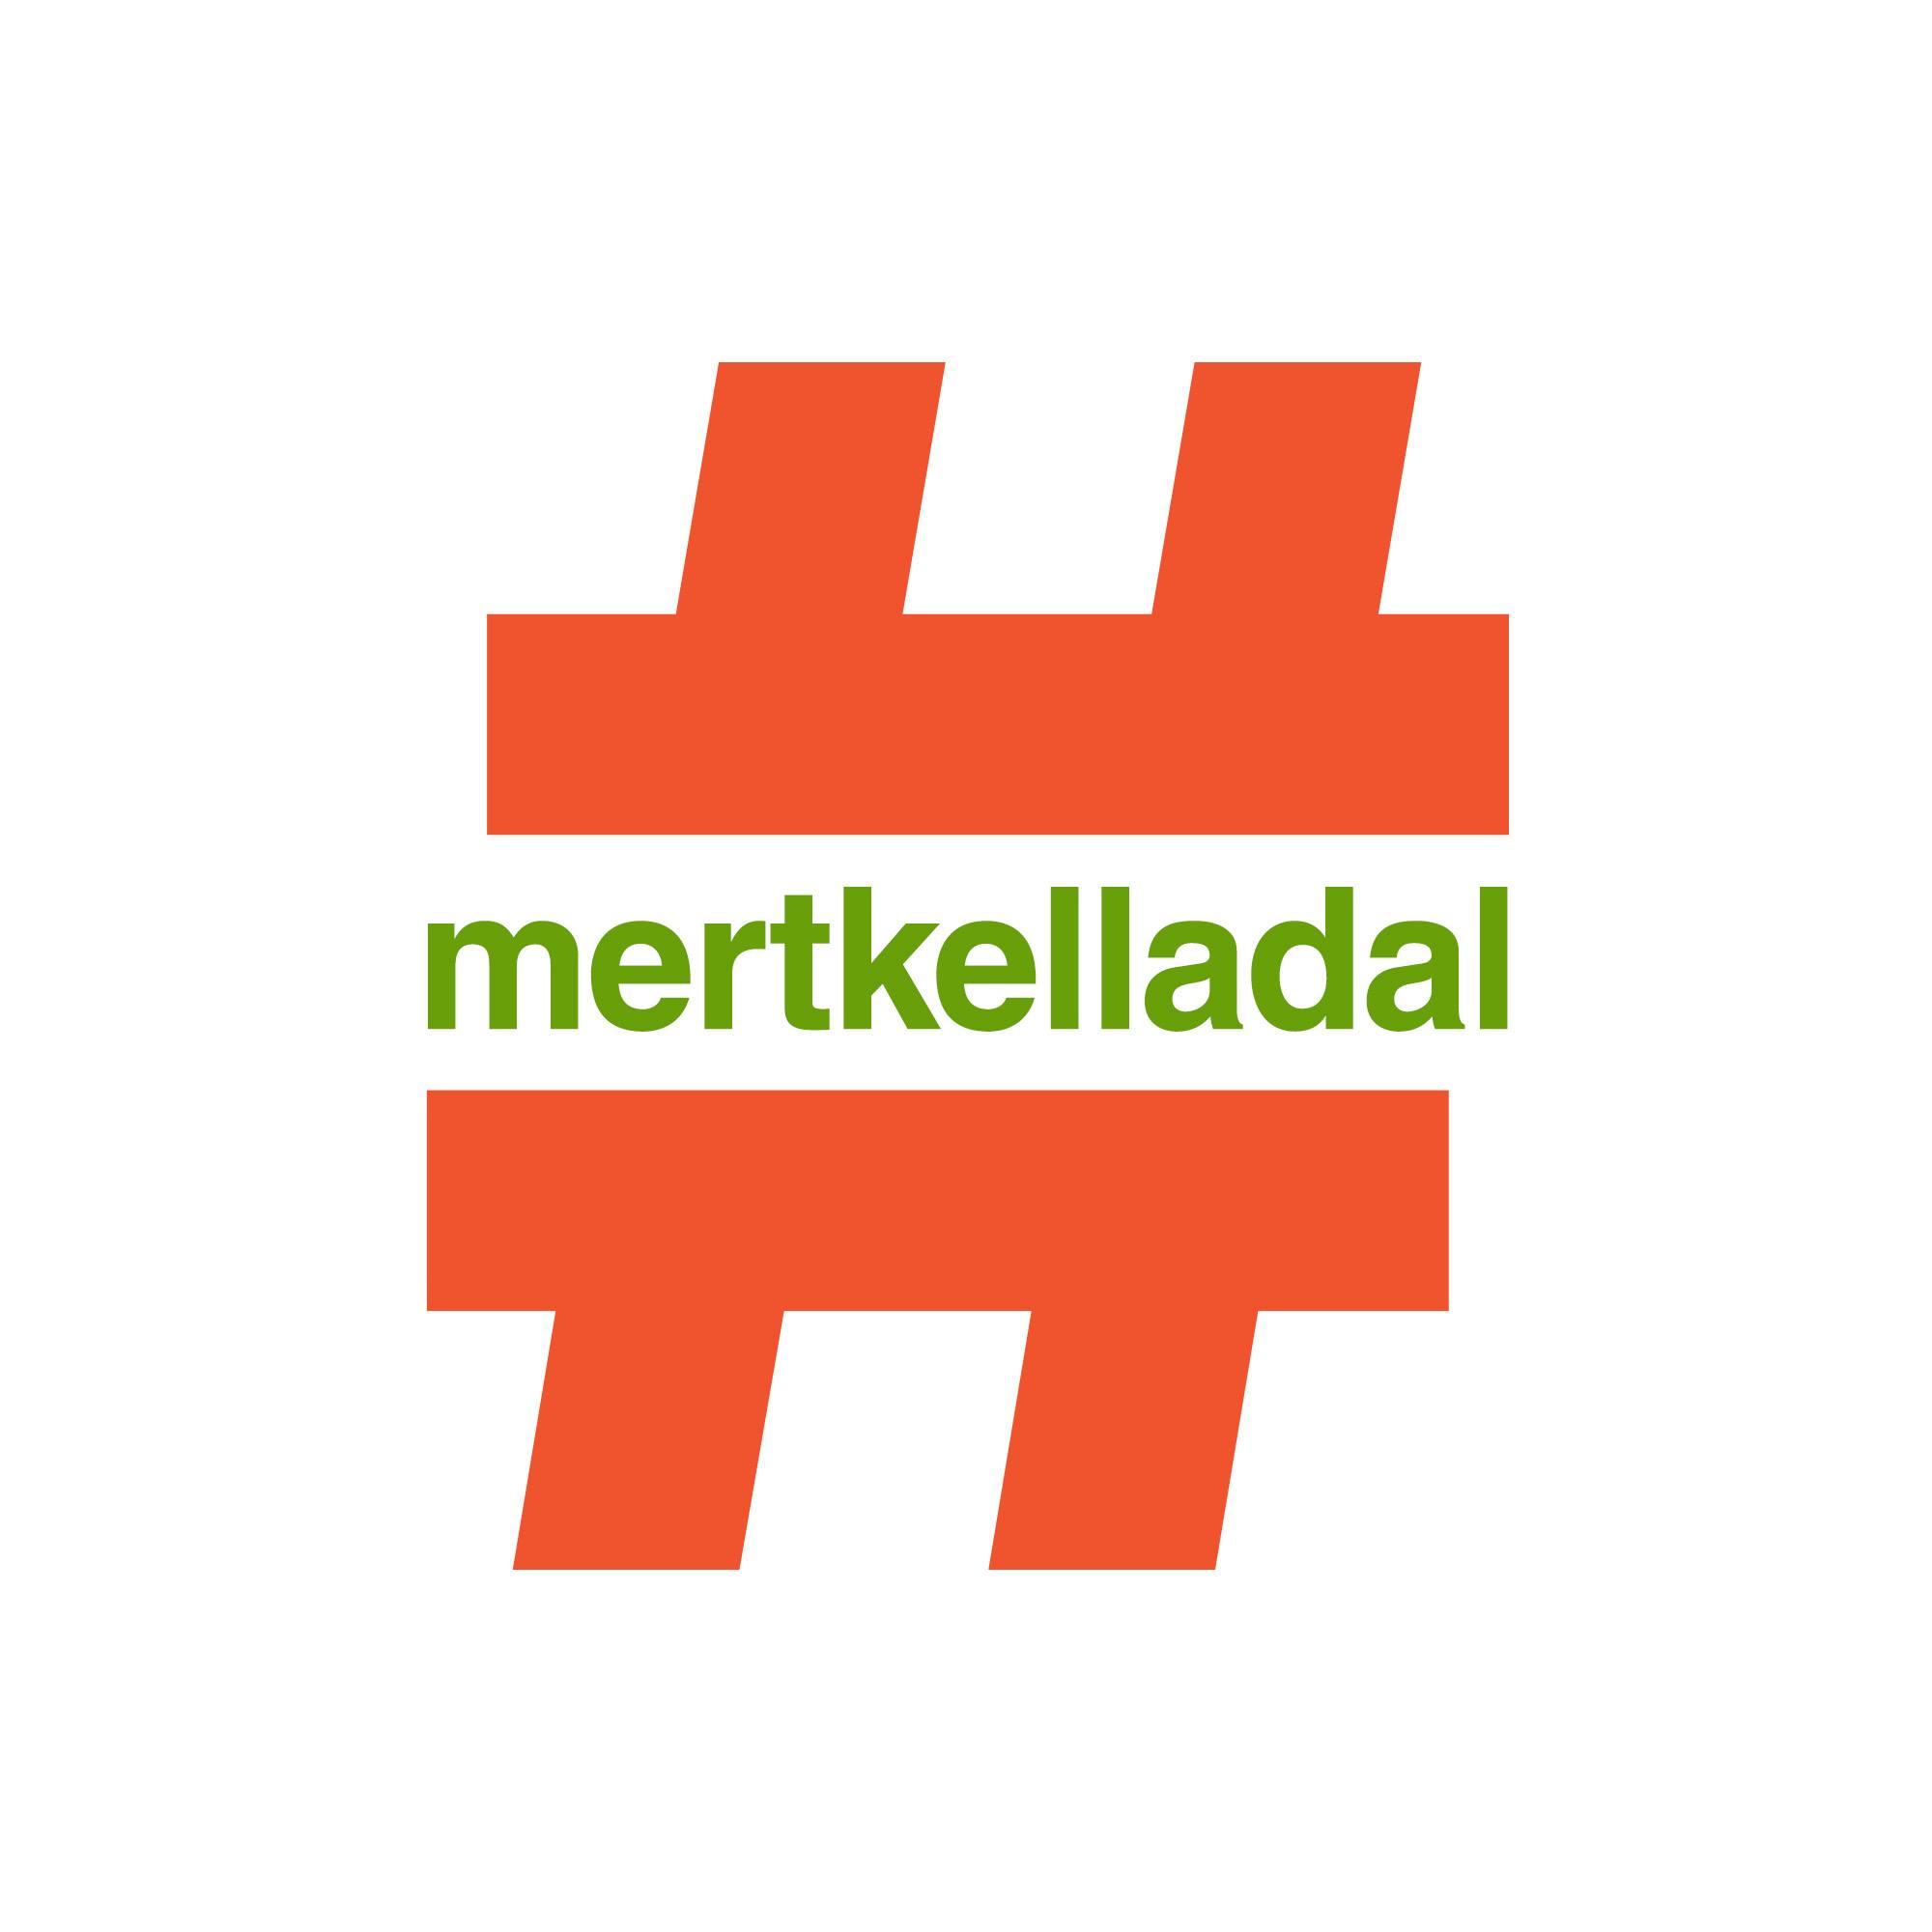 mertkelladal_logo.jpg